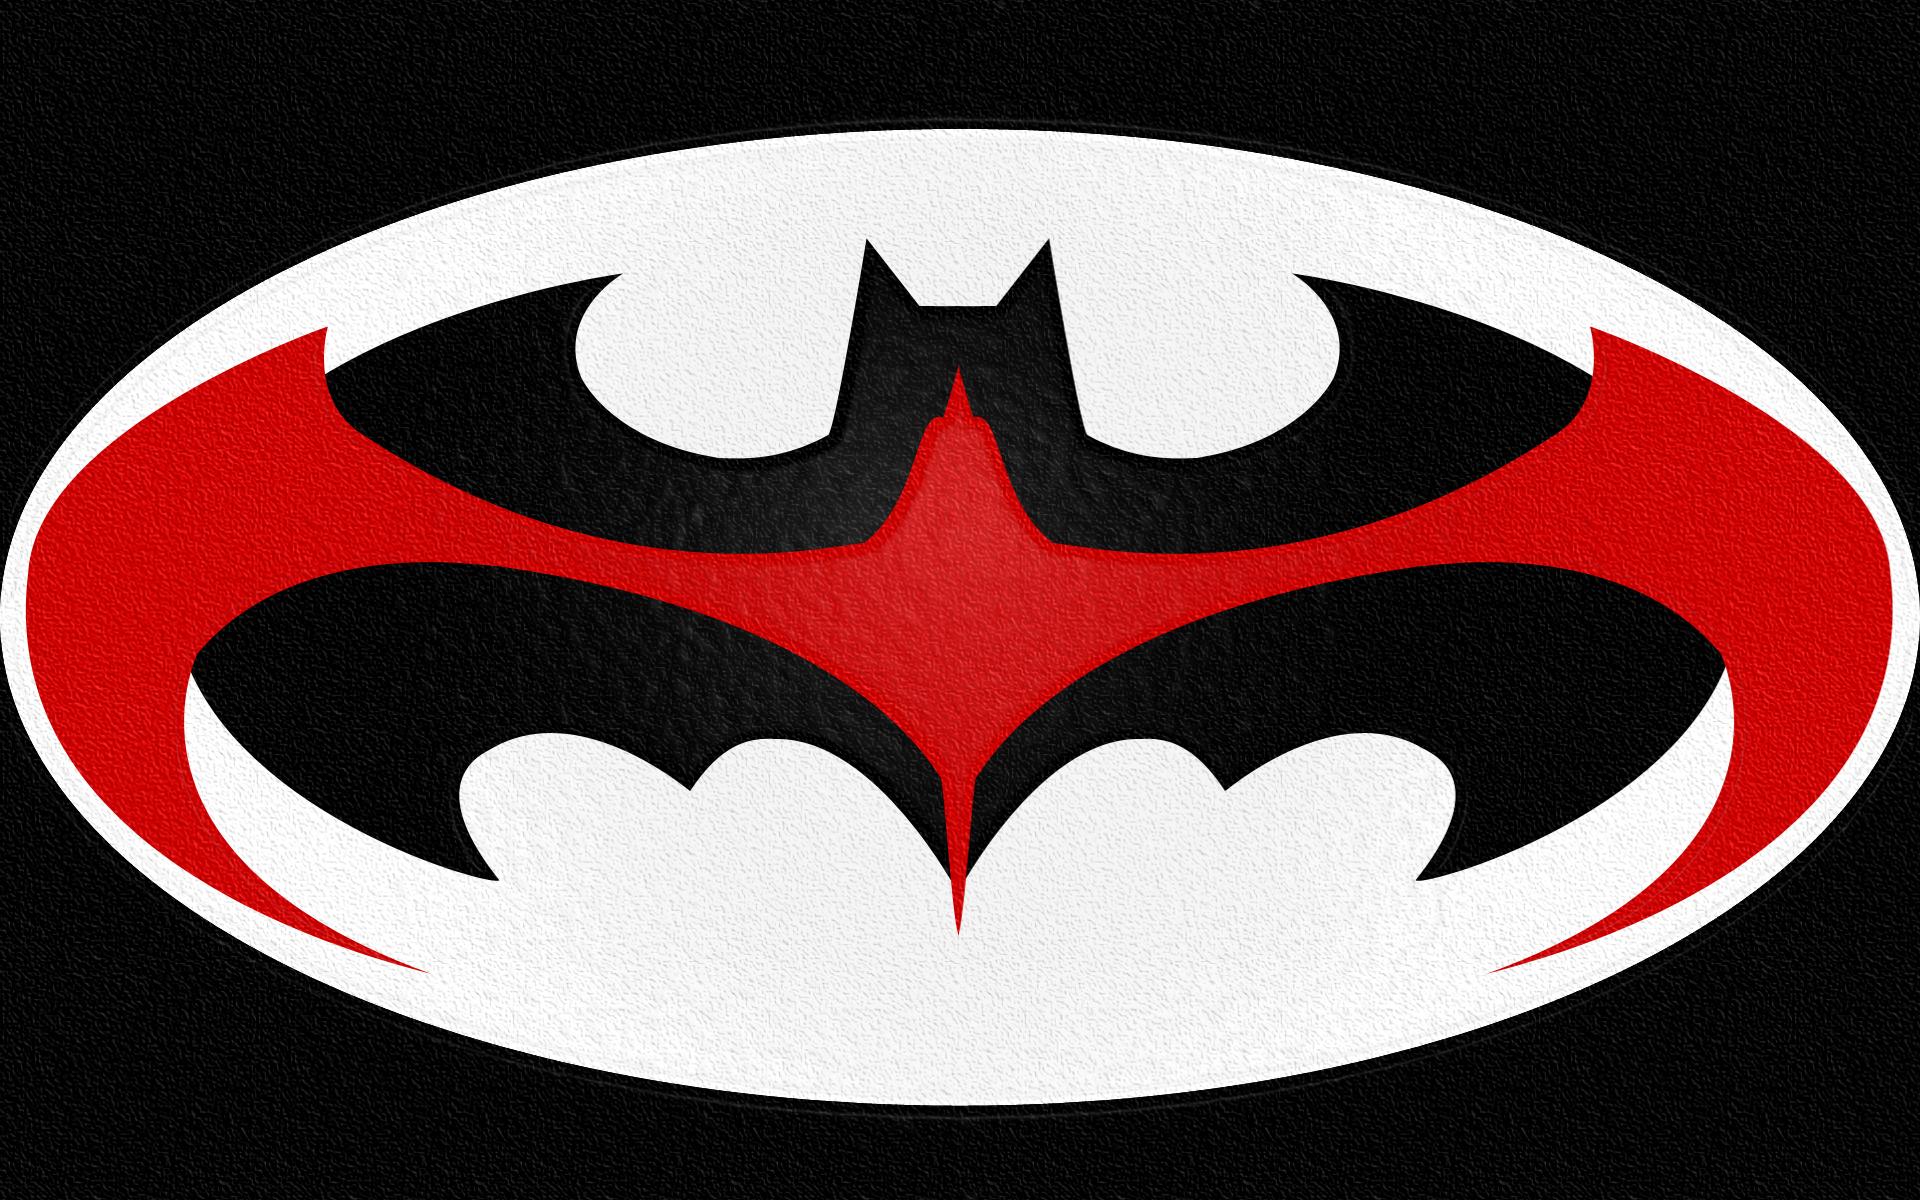 1920x1200 Robin (Batman) Symbols Batman